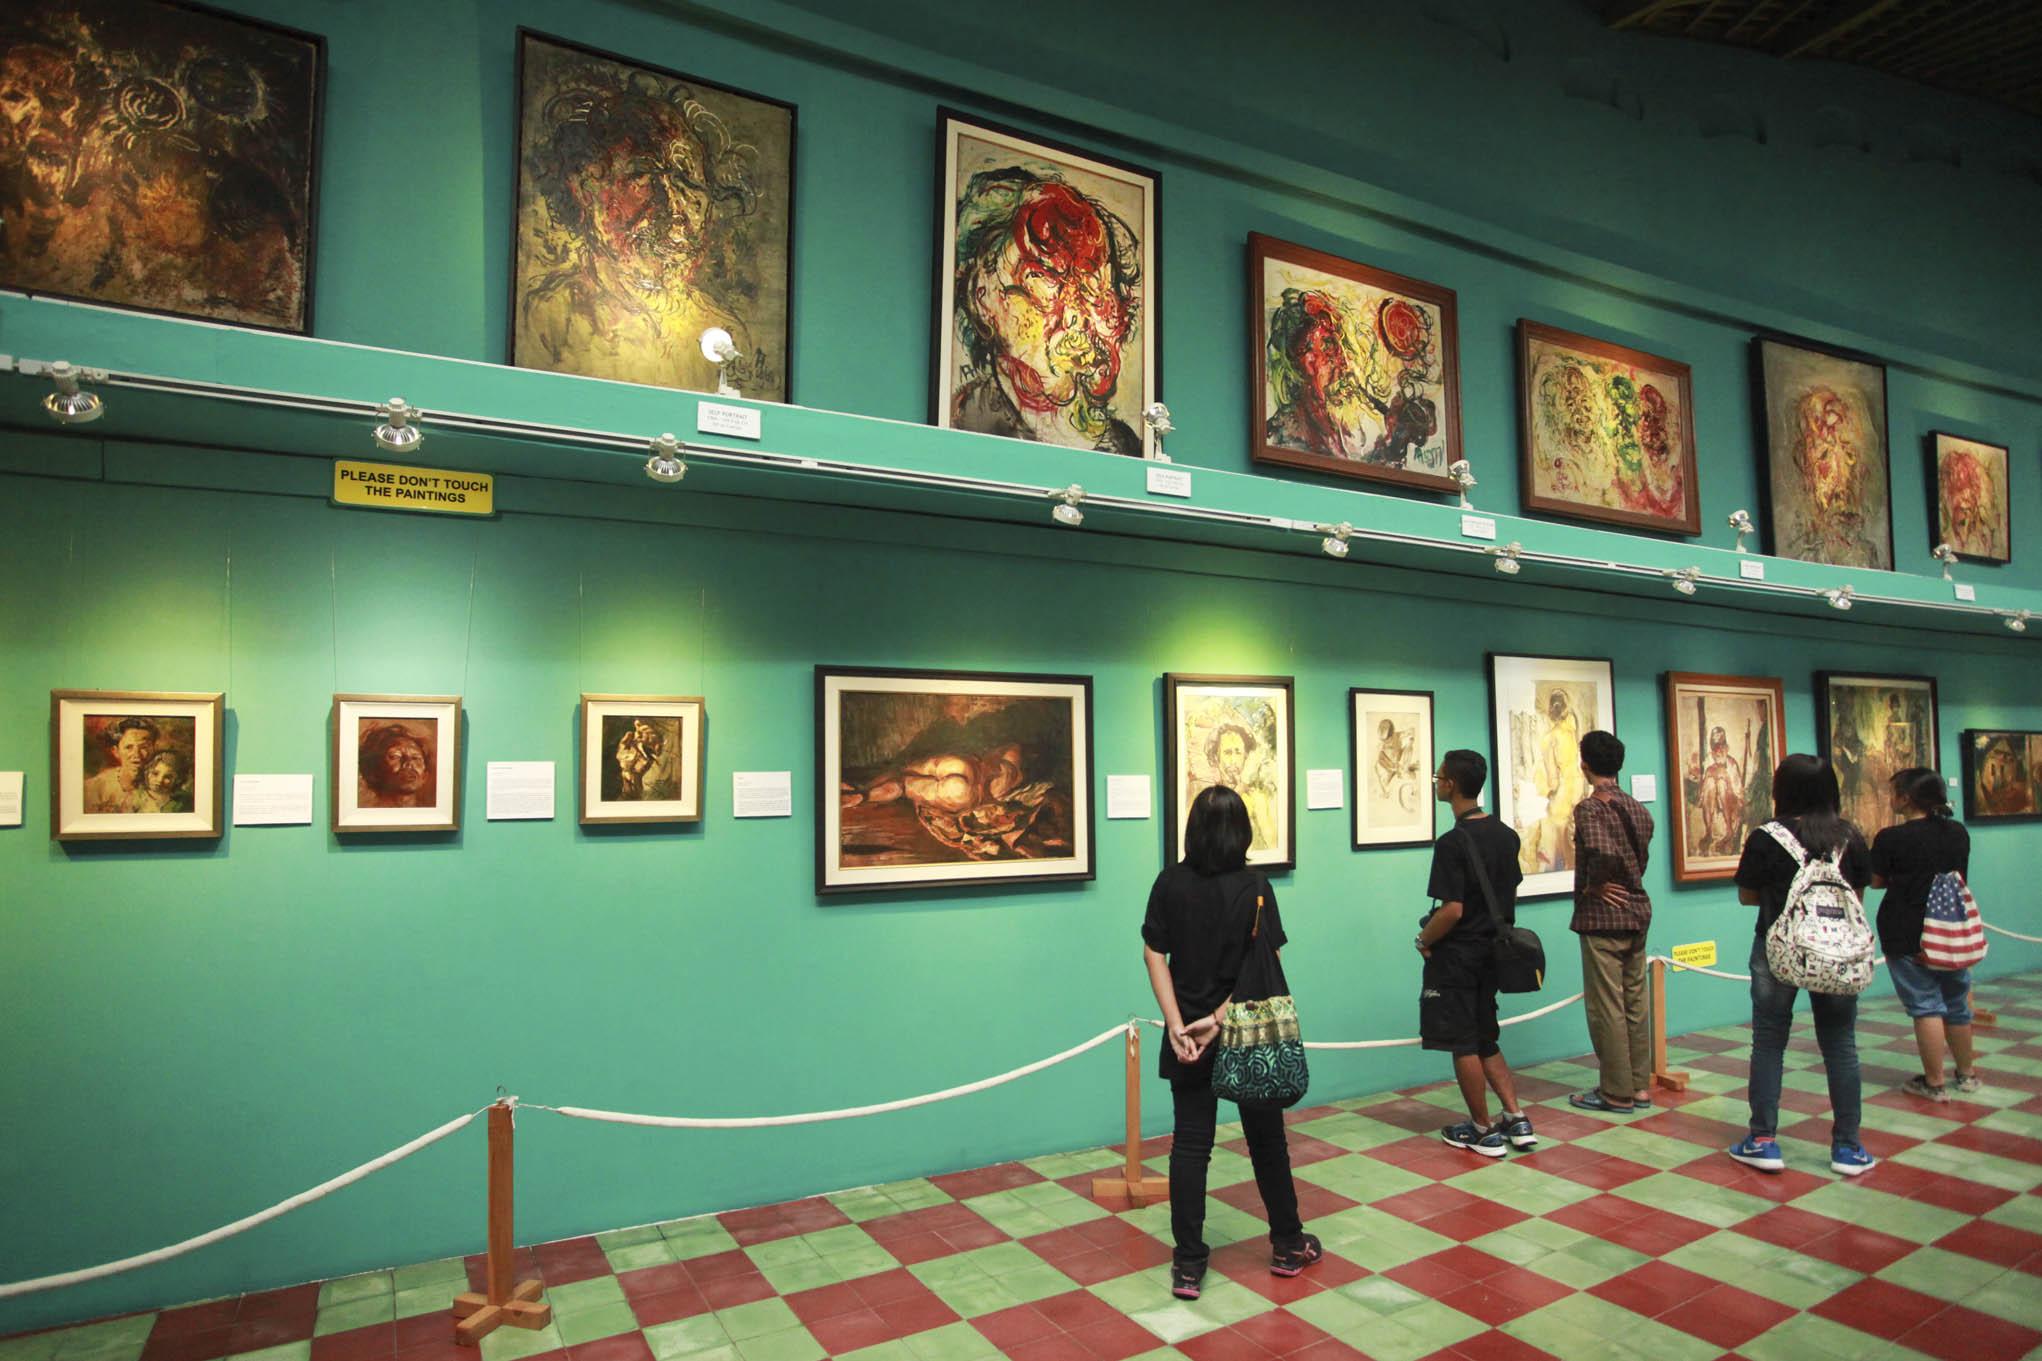 Koleksi Museum Affandi Yogyakarta Berita Daerah Pengunjung Mengamati Lukisan Dipajang